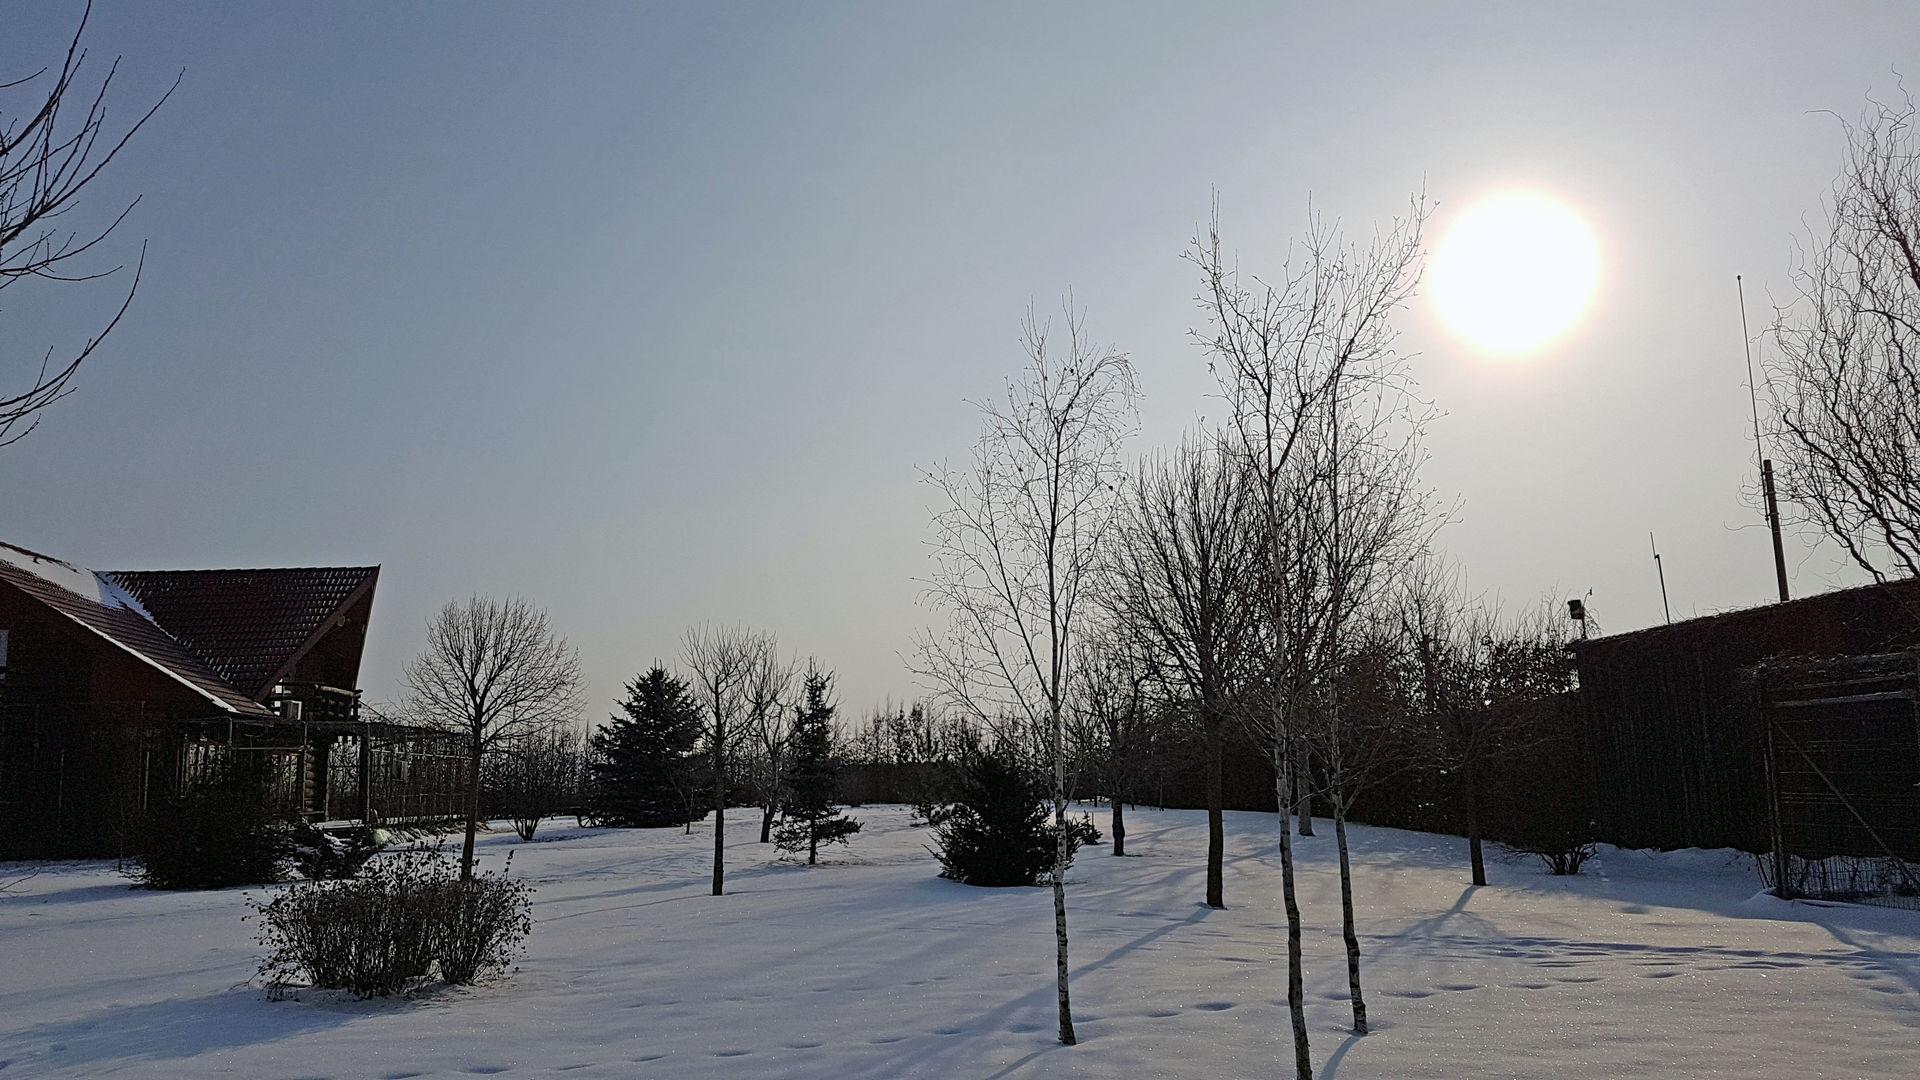 - 15 Grad, knackig kalt bei strahlendem Sonnenschein.